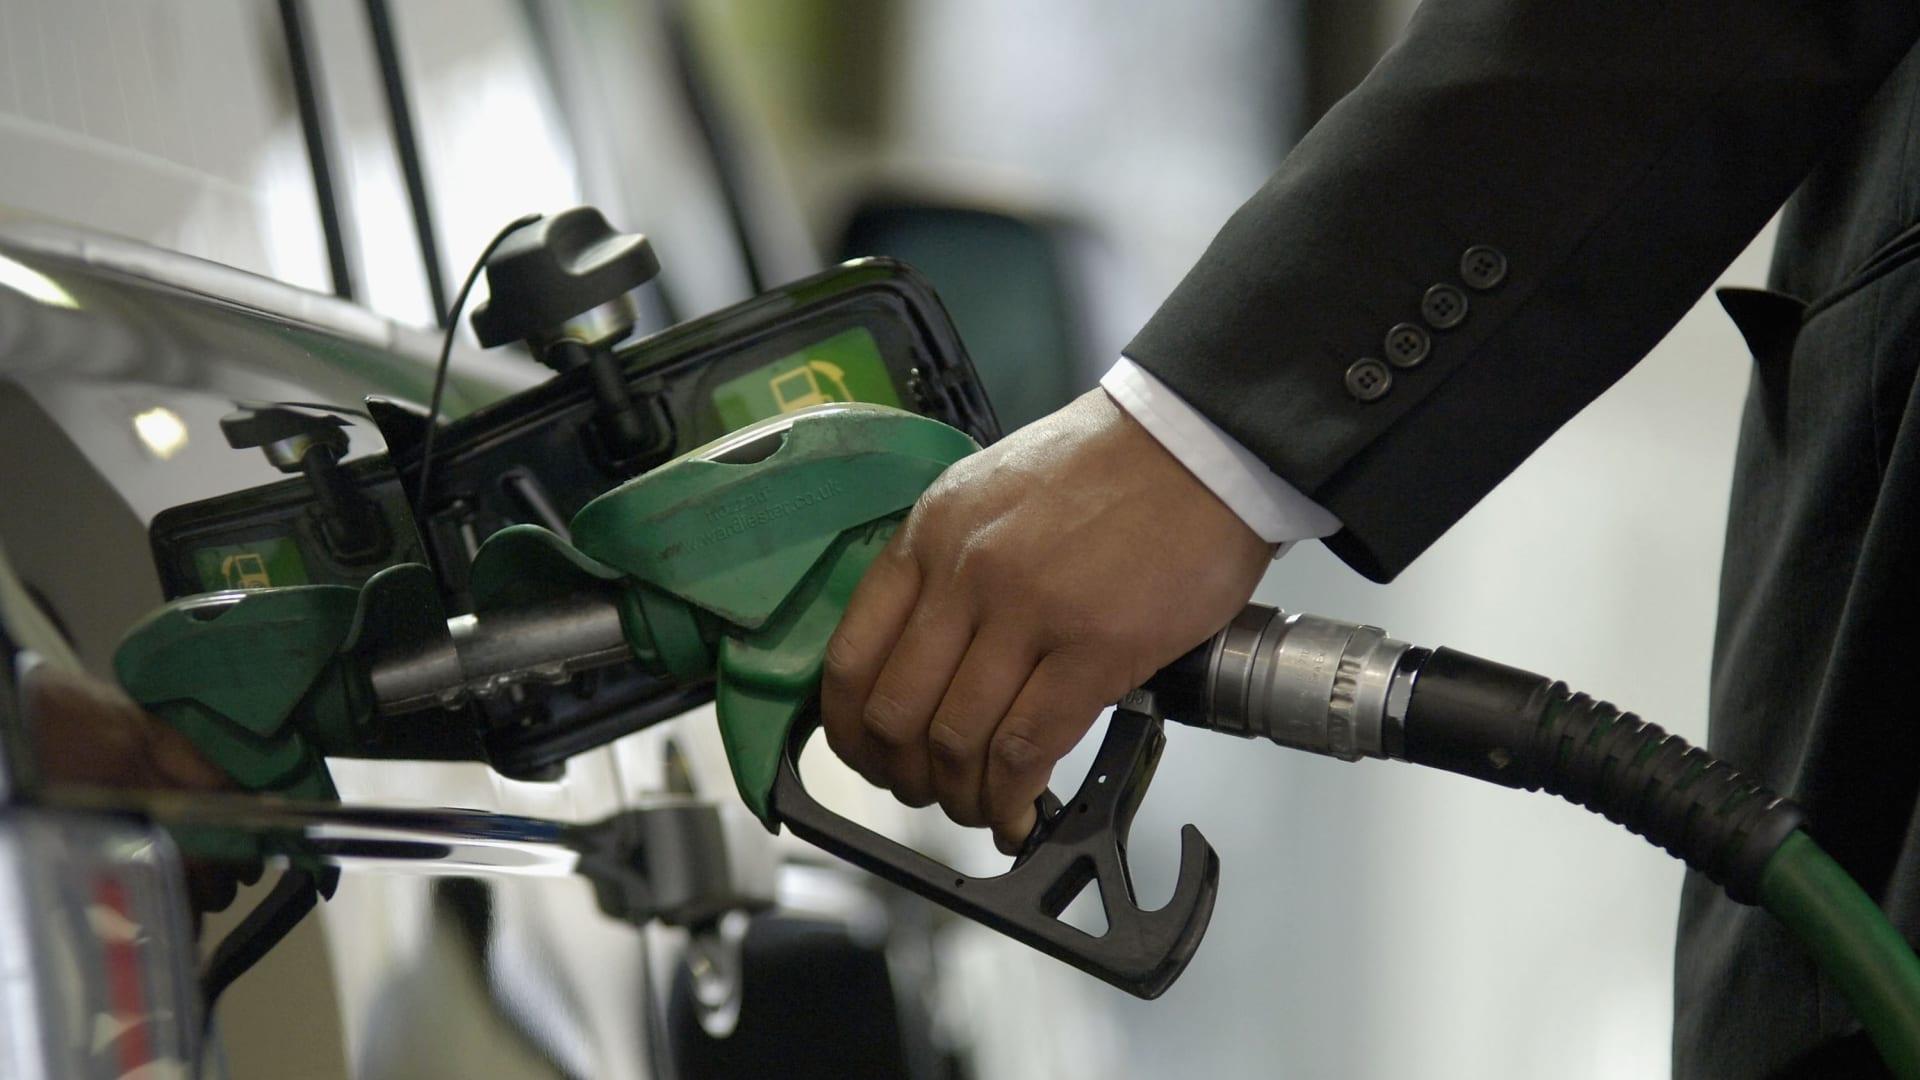 المملكة المتحدة تواجه أزمة وقود.. وهذه هي الأضرار